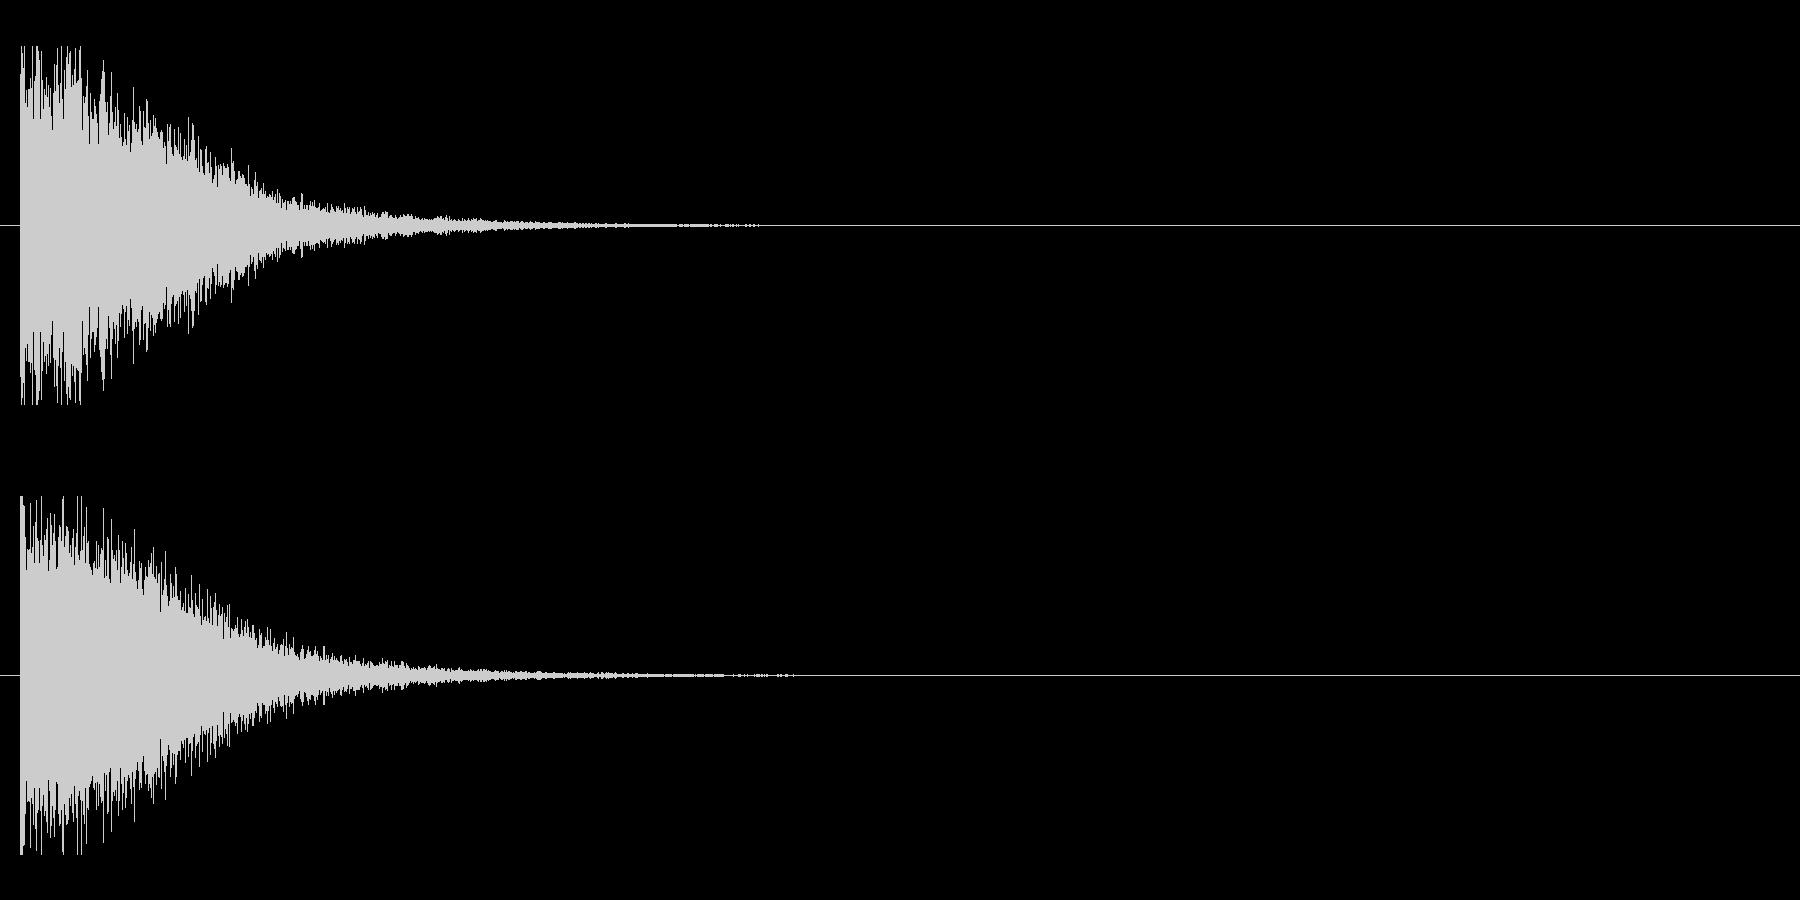 レーザー音-147-1の未再生の波形